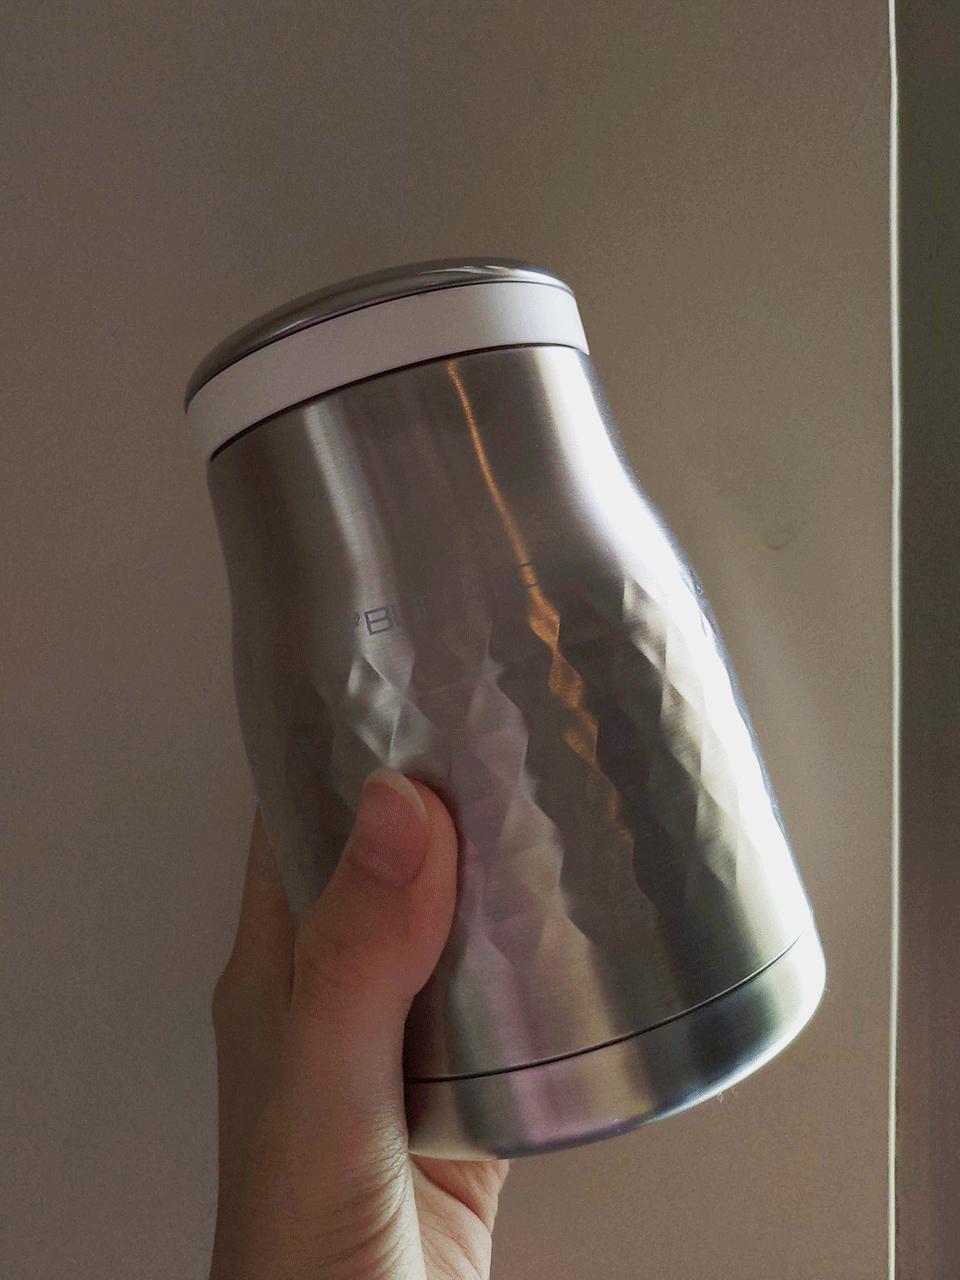 牛頭牌的真空保溫悶燒罐